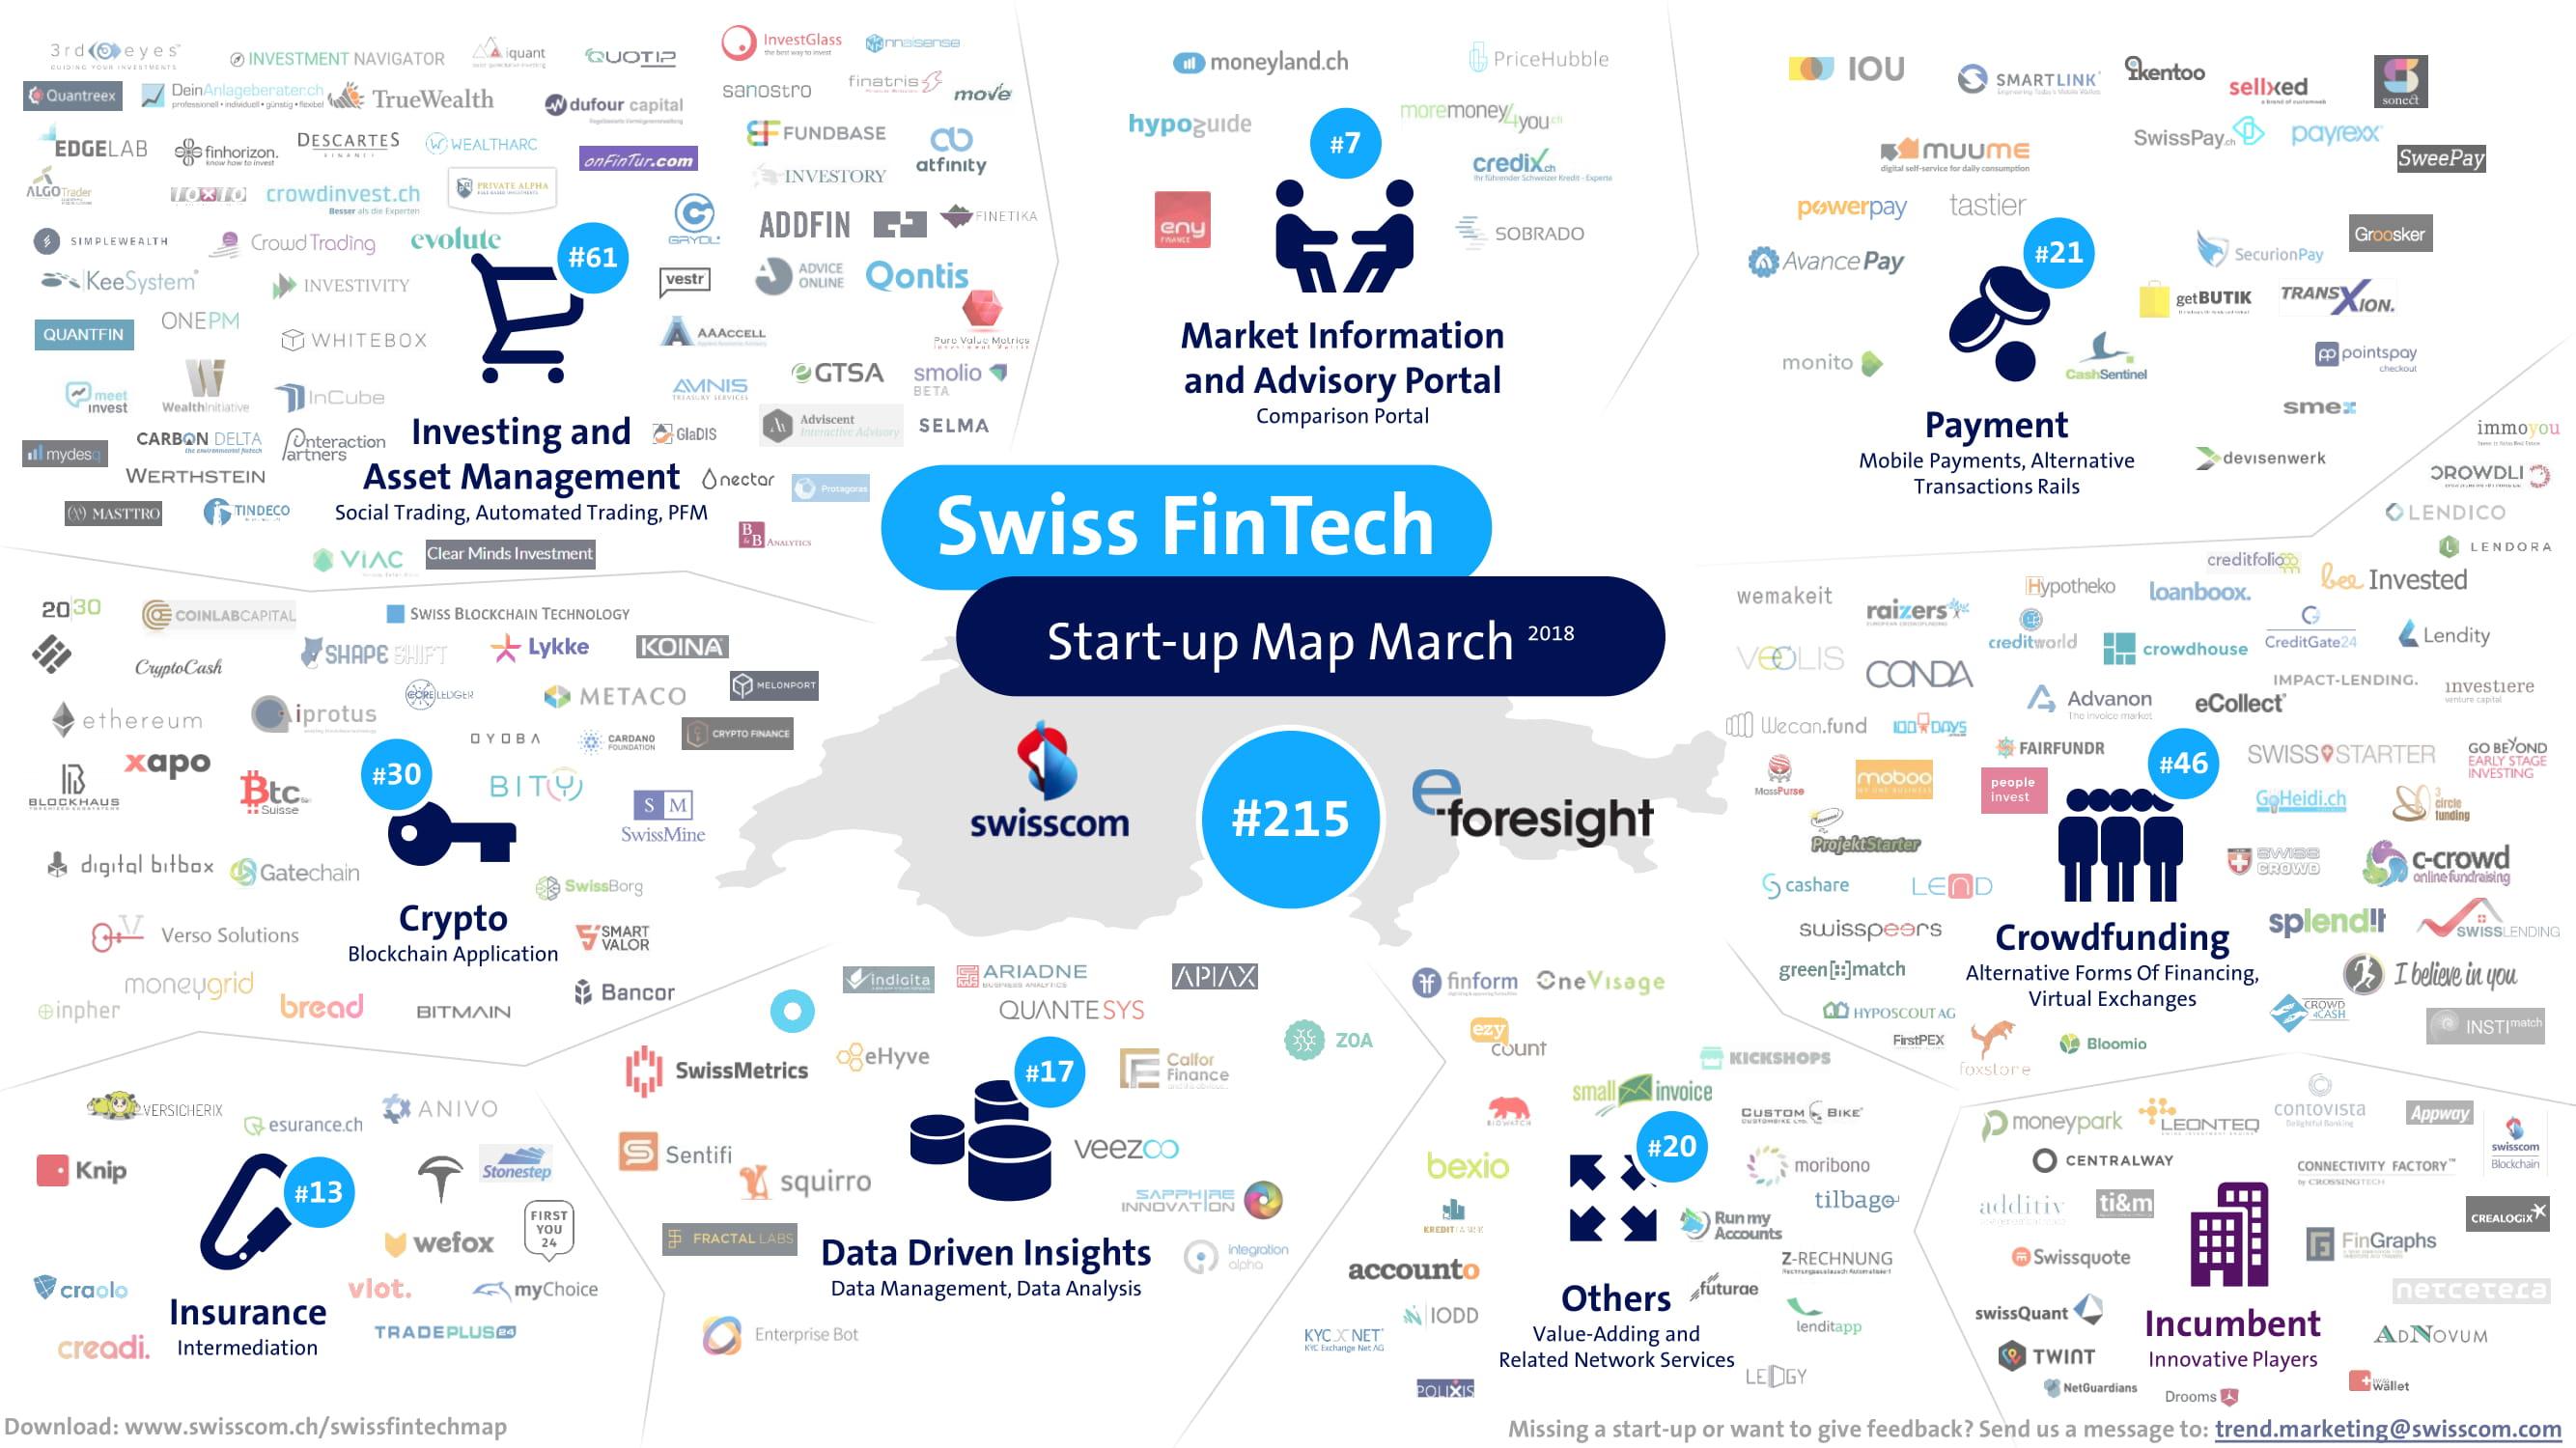 Swiss Fintech Startup Map-March 2018